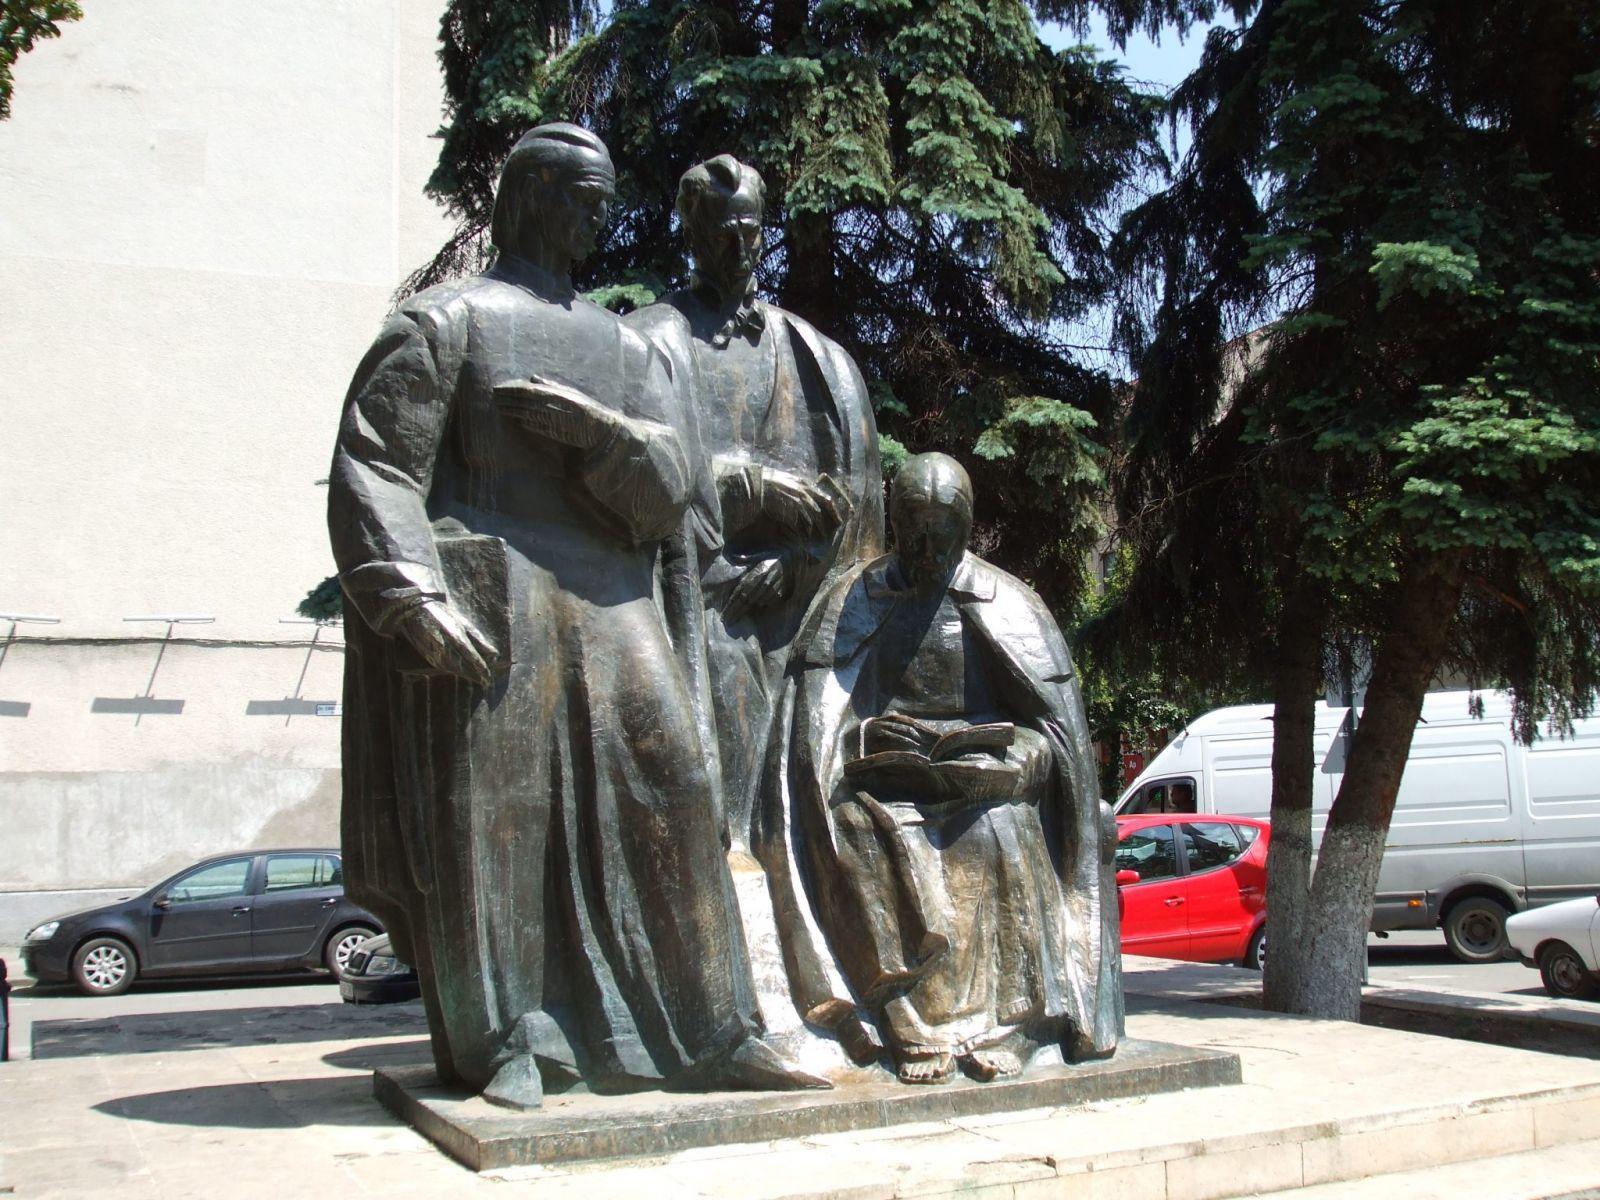 Az Erdélyi Iskola (Scolala Ardeleana) tagjait ábrázoló szoborcsoport Kolozsváron, a Babes-Bolyai Tudományegyetem előtt